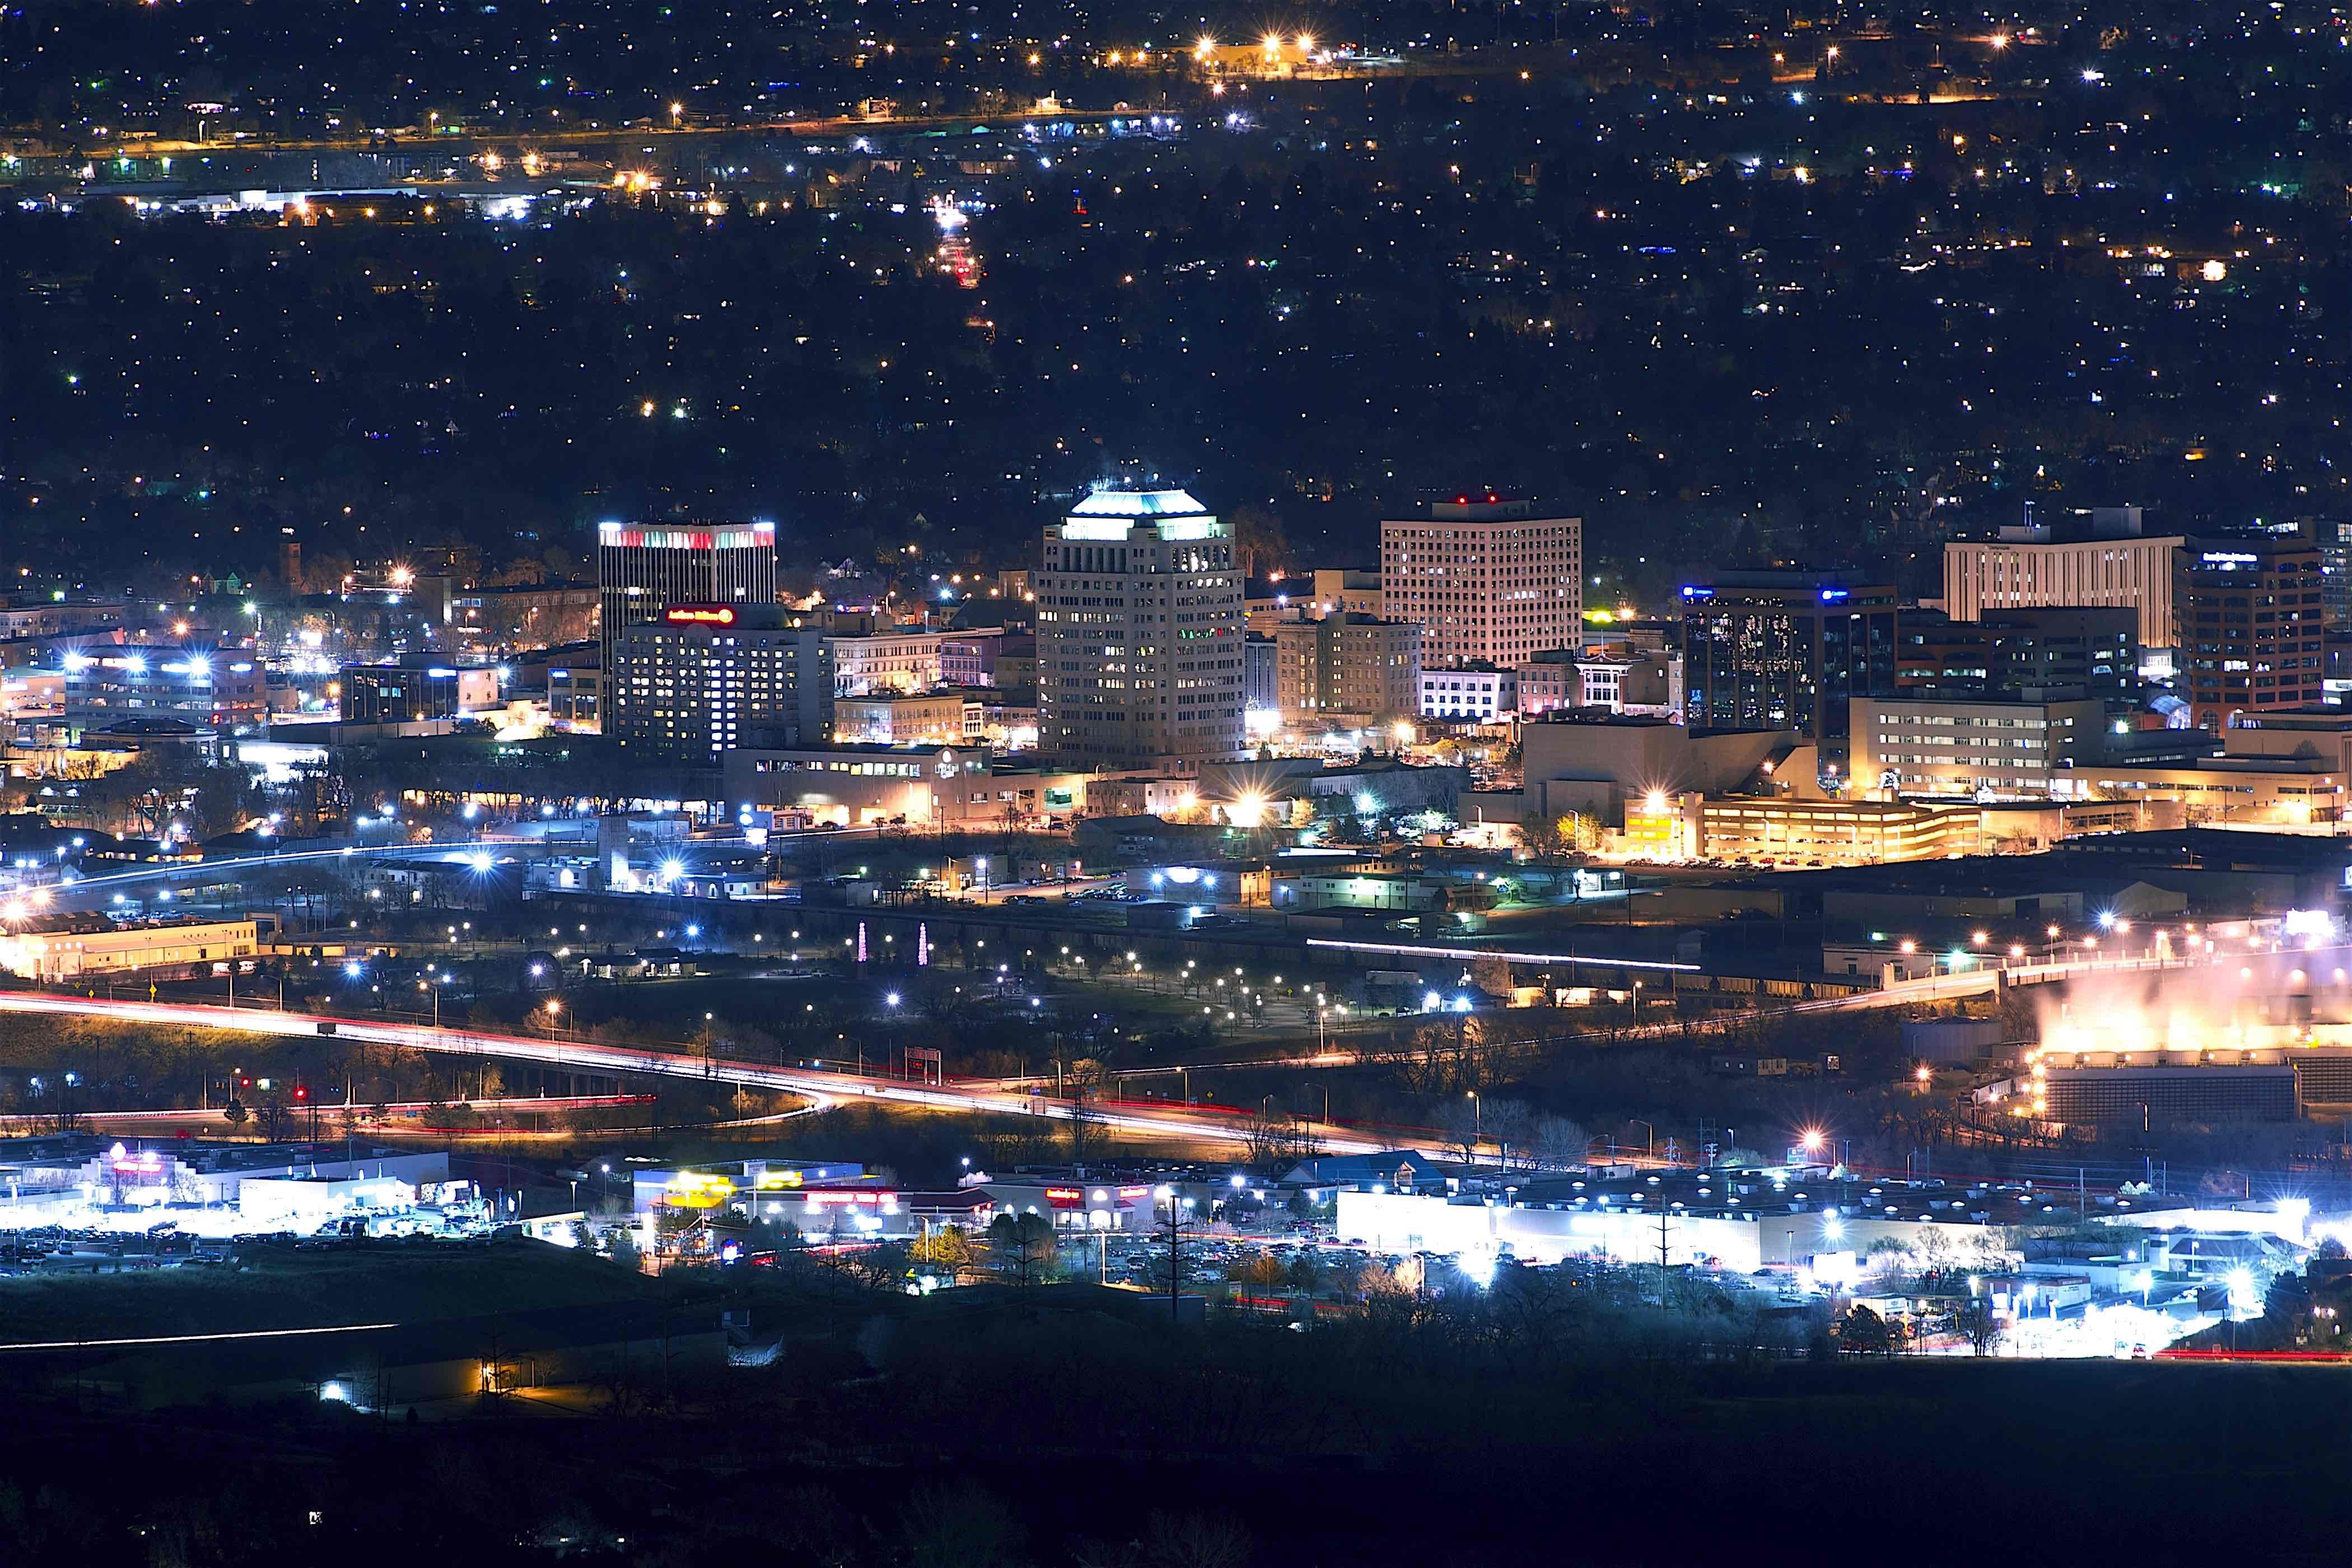 7.) Colorado Springs, CO